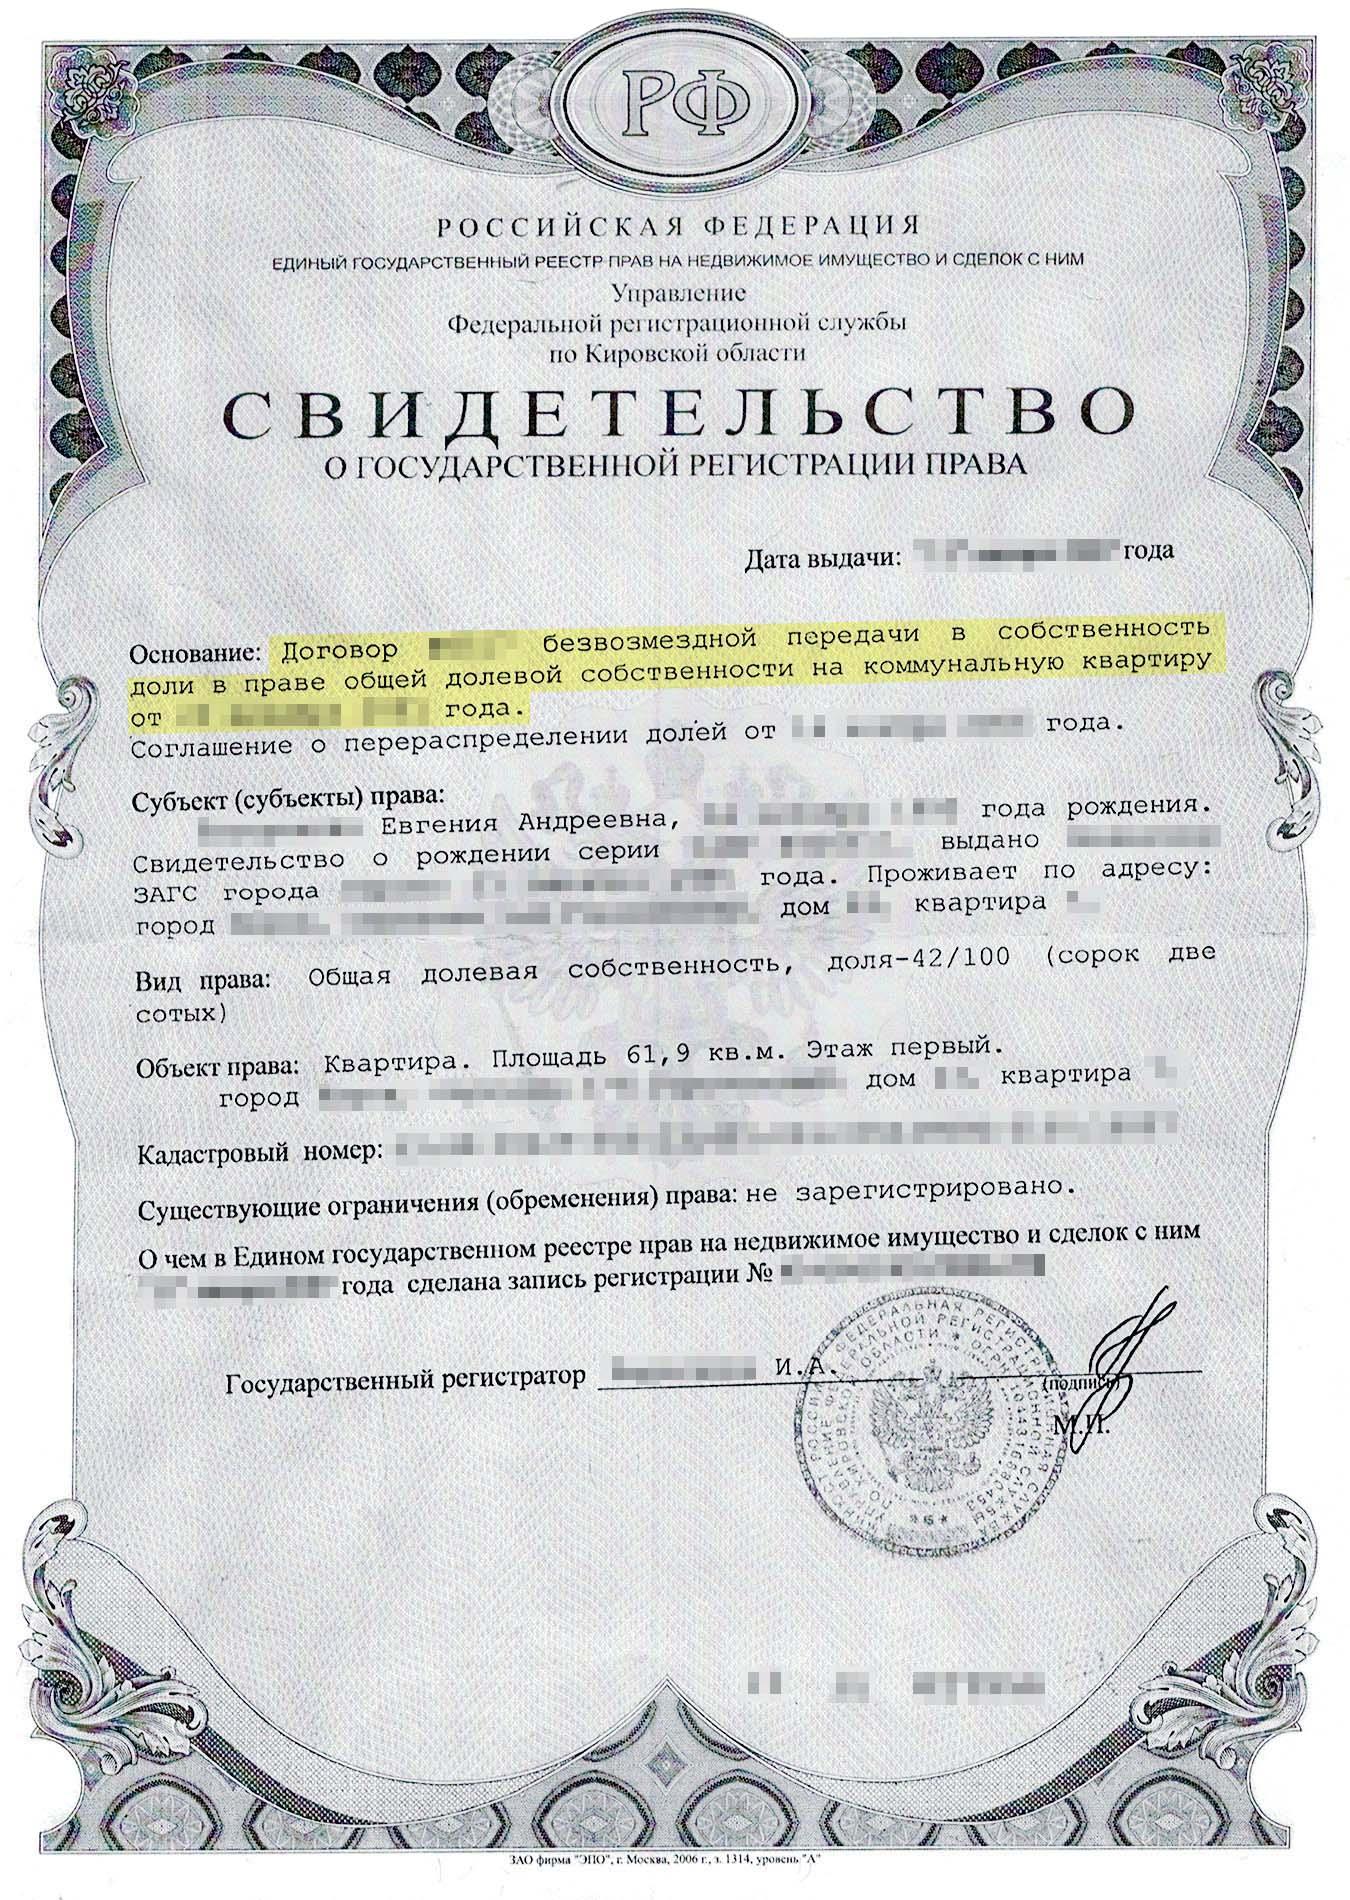 Это свидетельство о госрегистрации права собственности. В нем указан документ, на основании которого мне досталась доля